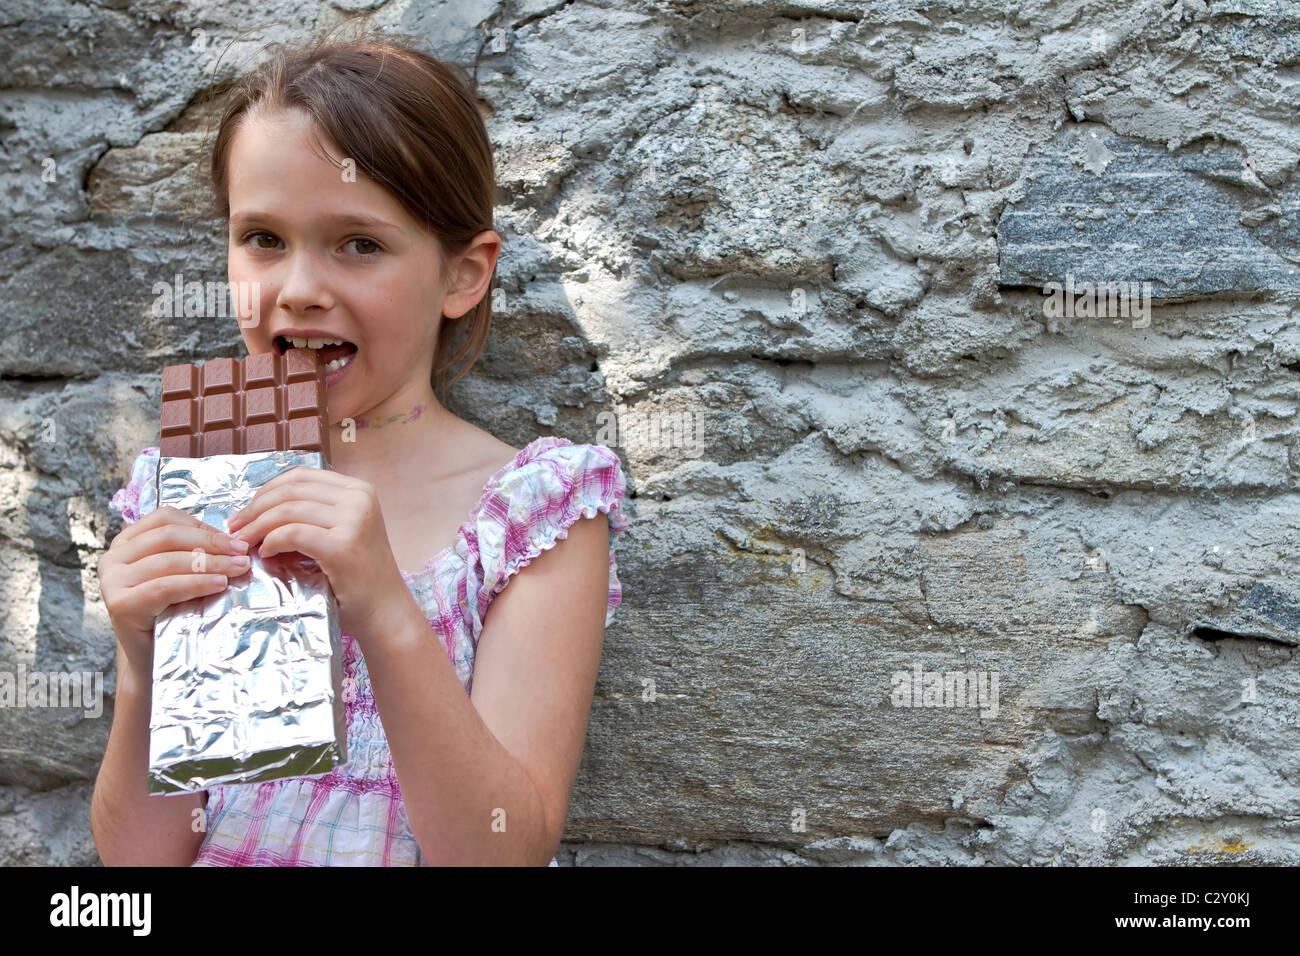 Mädchen, die Schokolade zu essen Stockbild